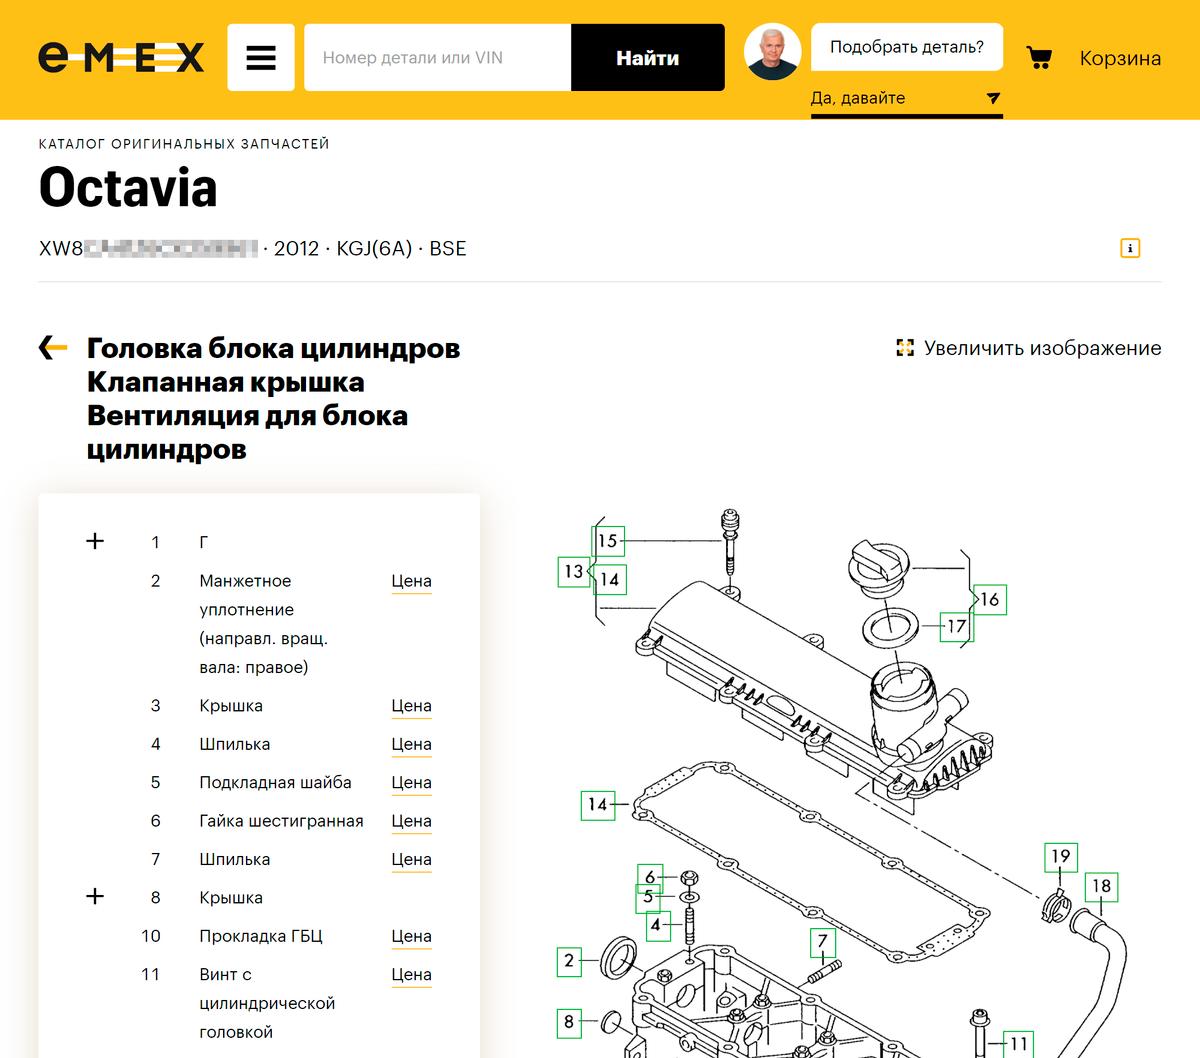 VIN может помочь с самостоятельным подбором запчастей в некоторых интернет-магазинах. Источник: emex.ru